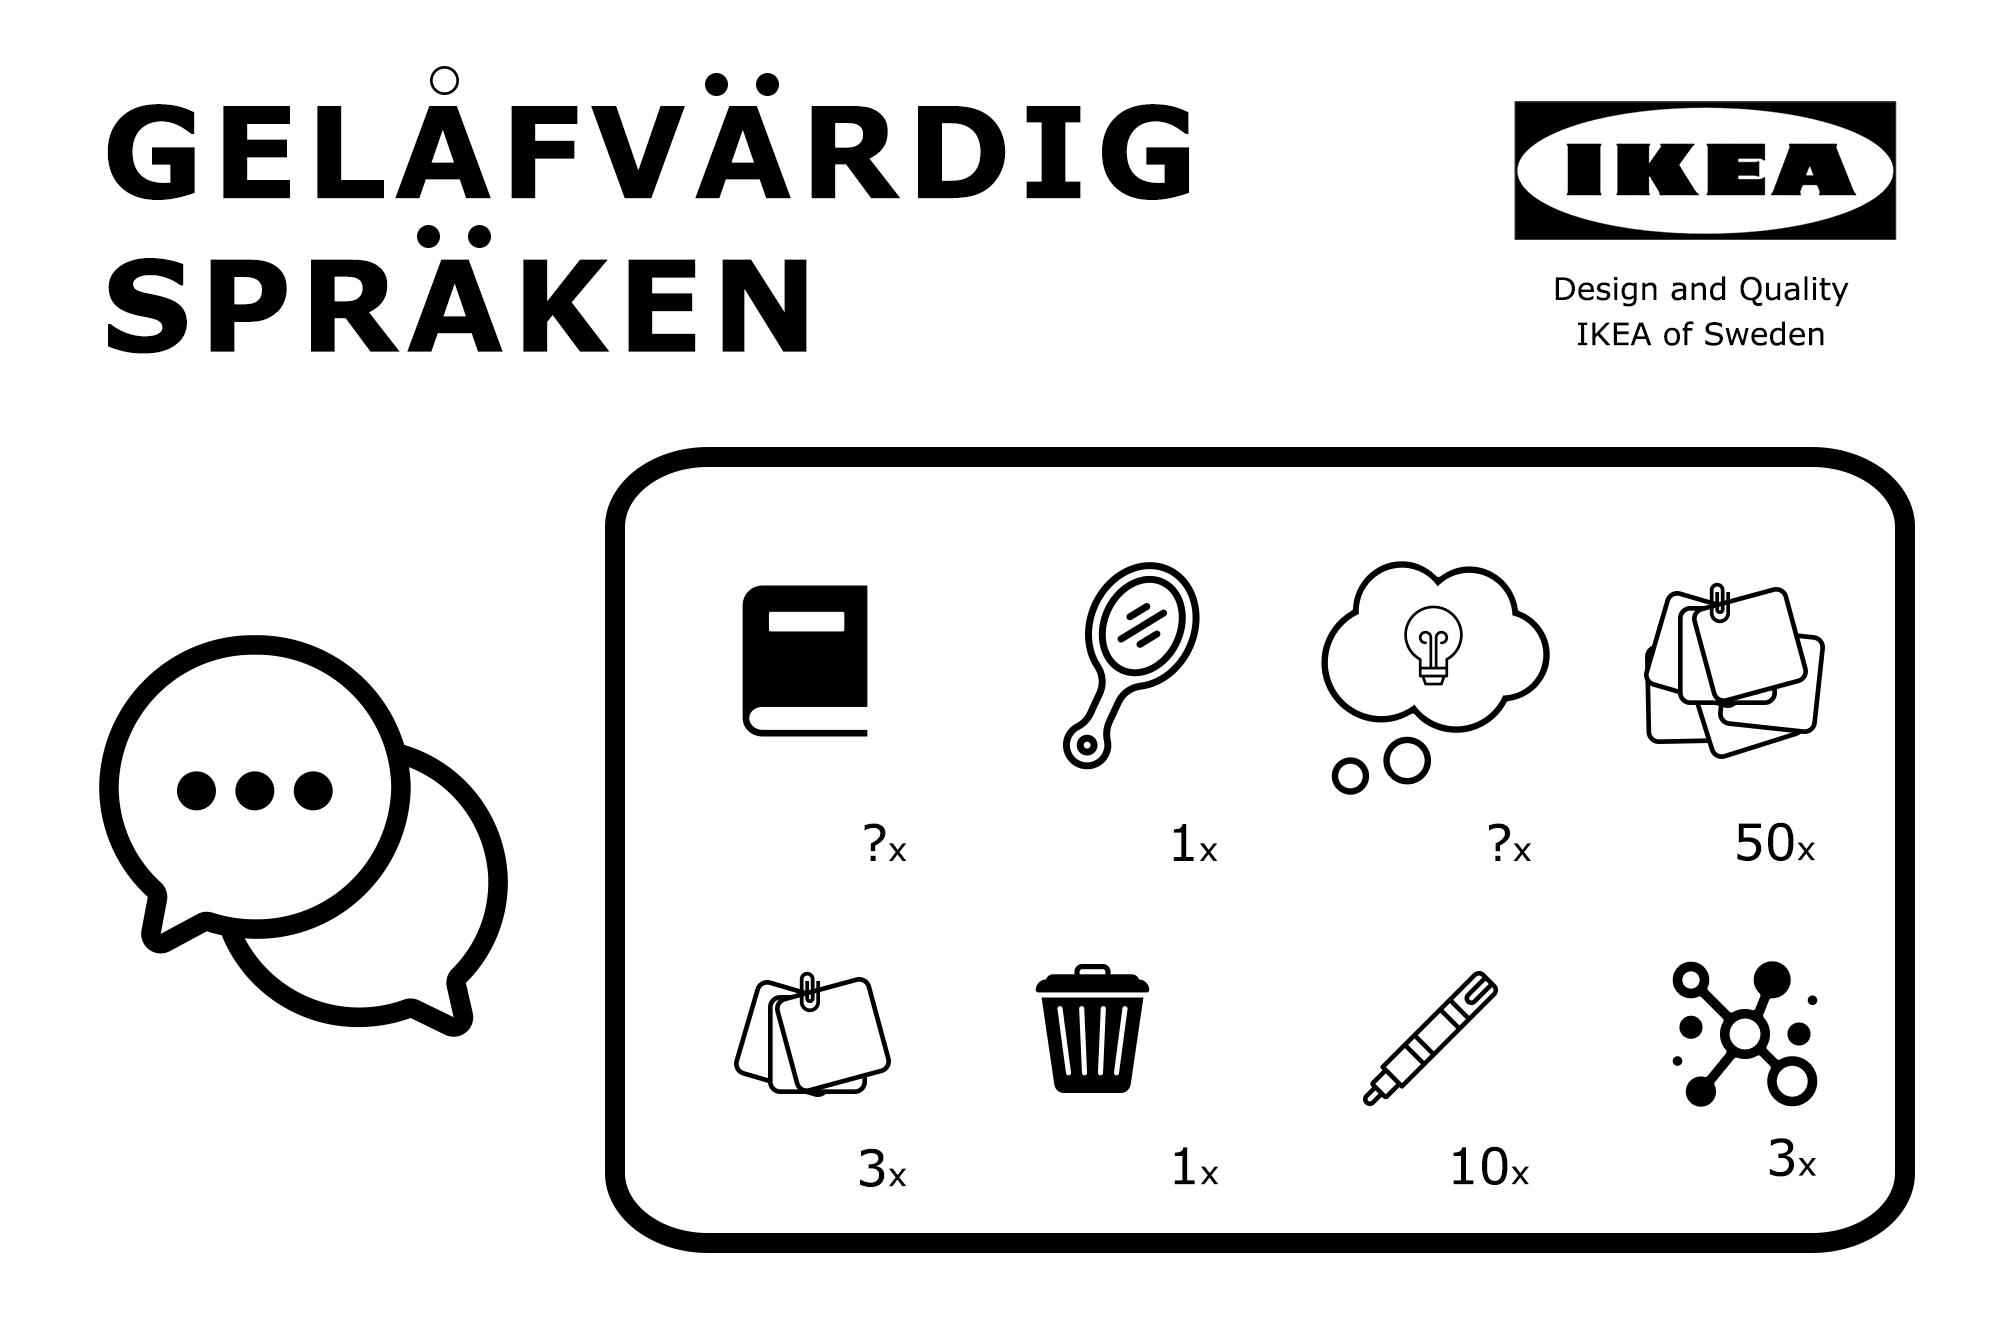 handleiding IKEA geloofwaardig spreken paulien vervoorn